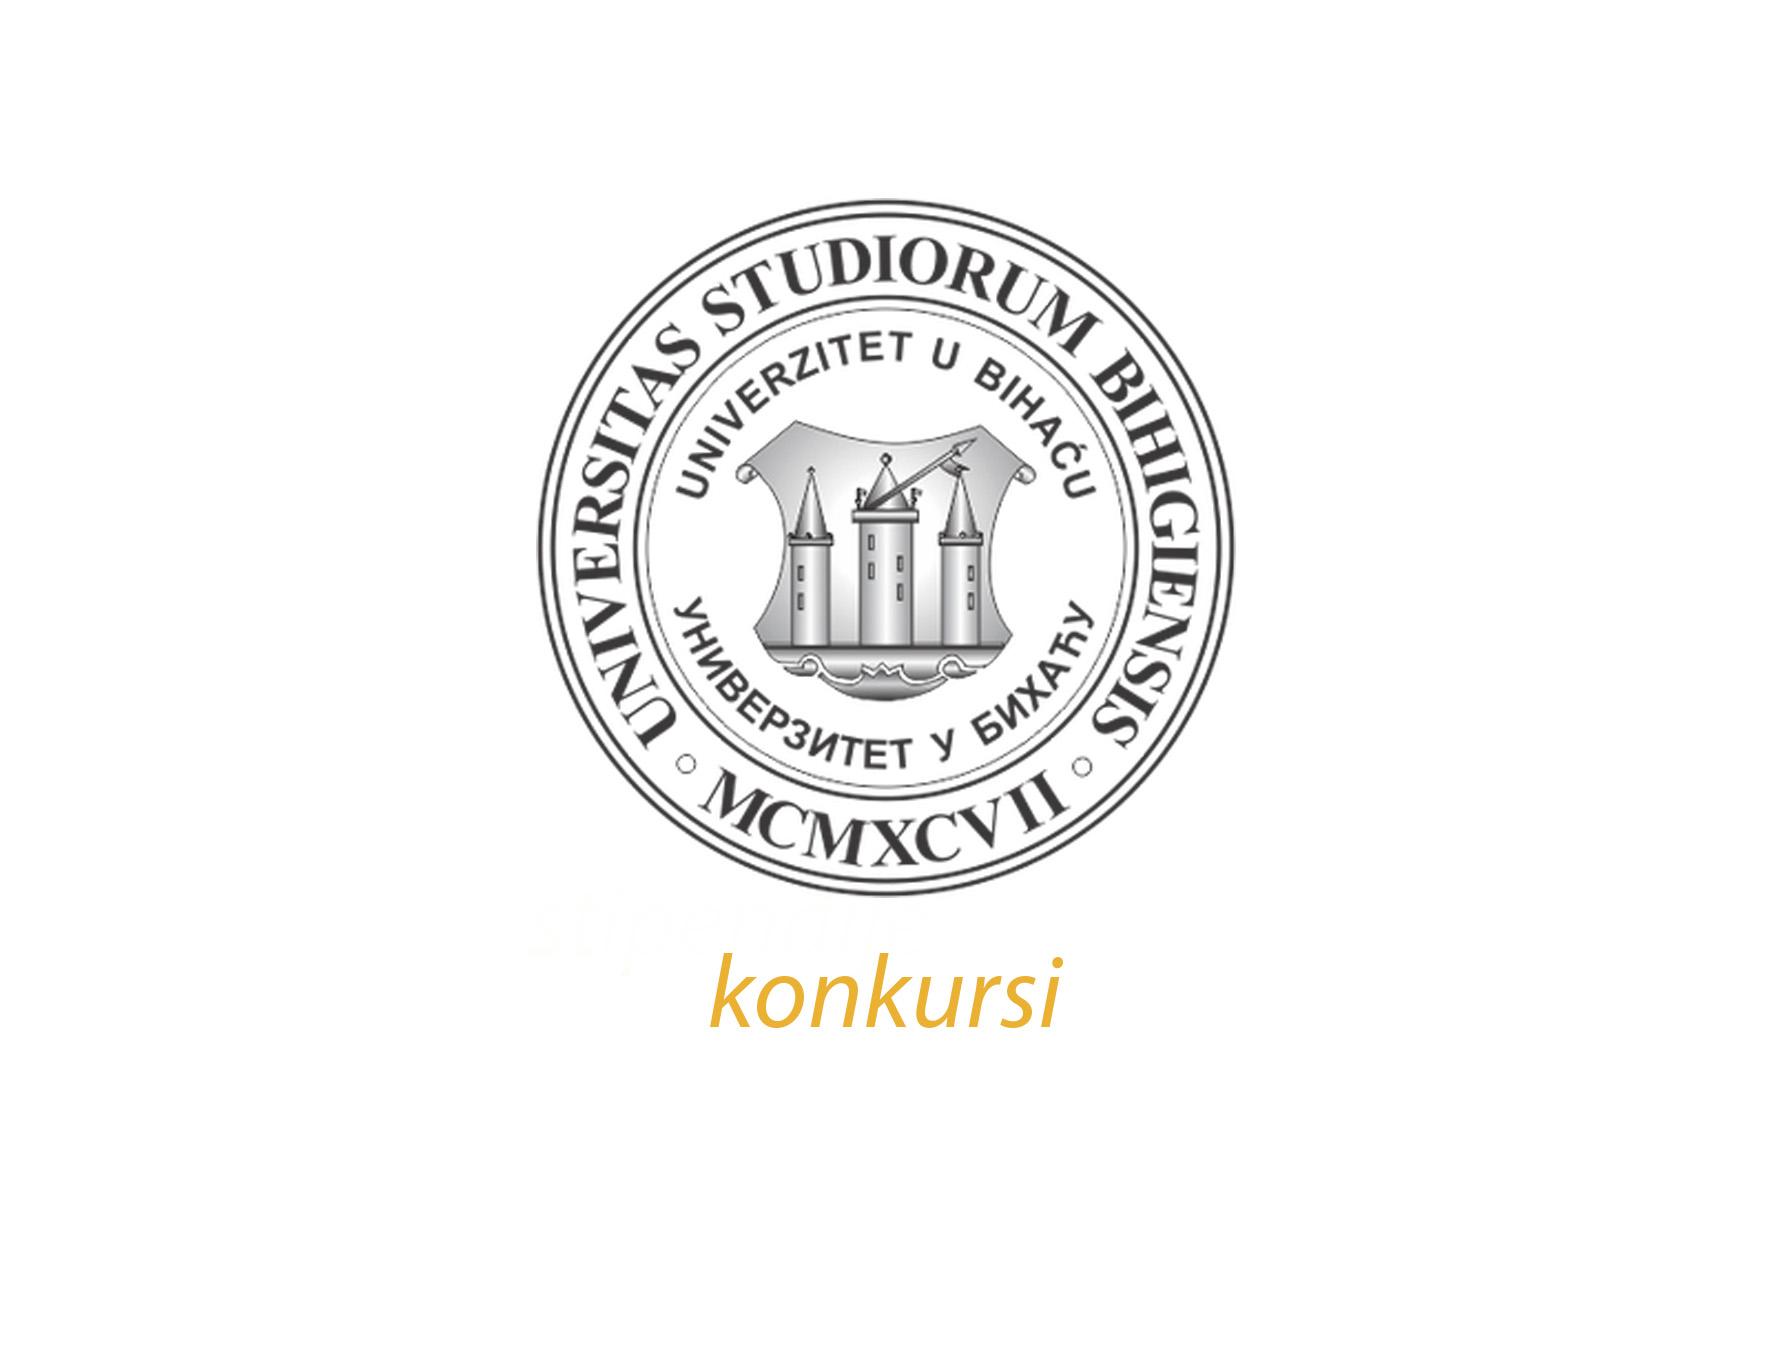 Interni konkurs na Univerzitetu u Bihaću